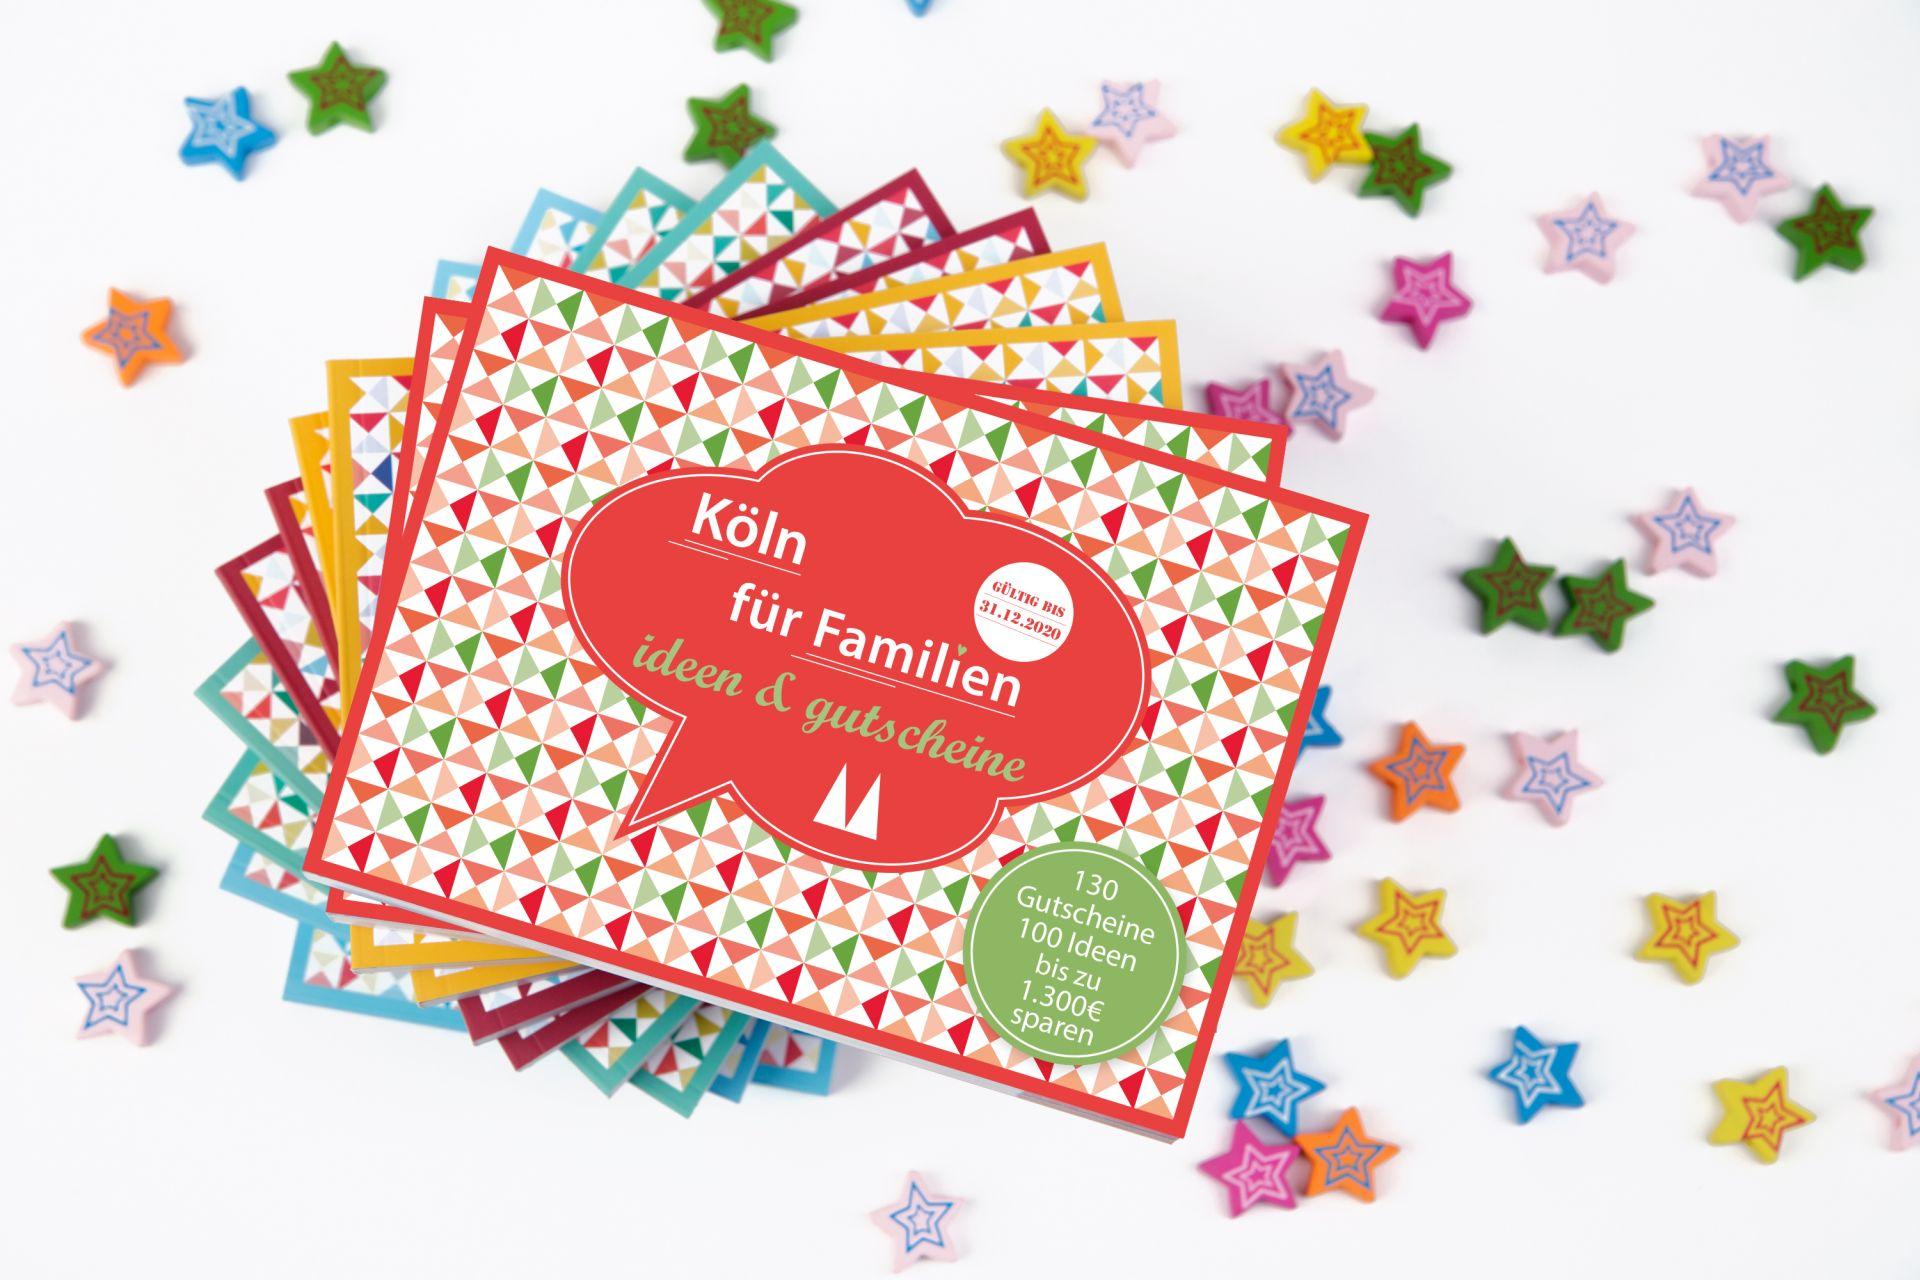 Gutscheinbuch Köln 2019 - Gutscheinbuch Köln und Umgebung 2020